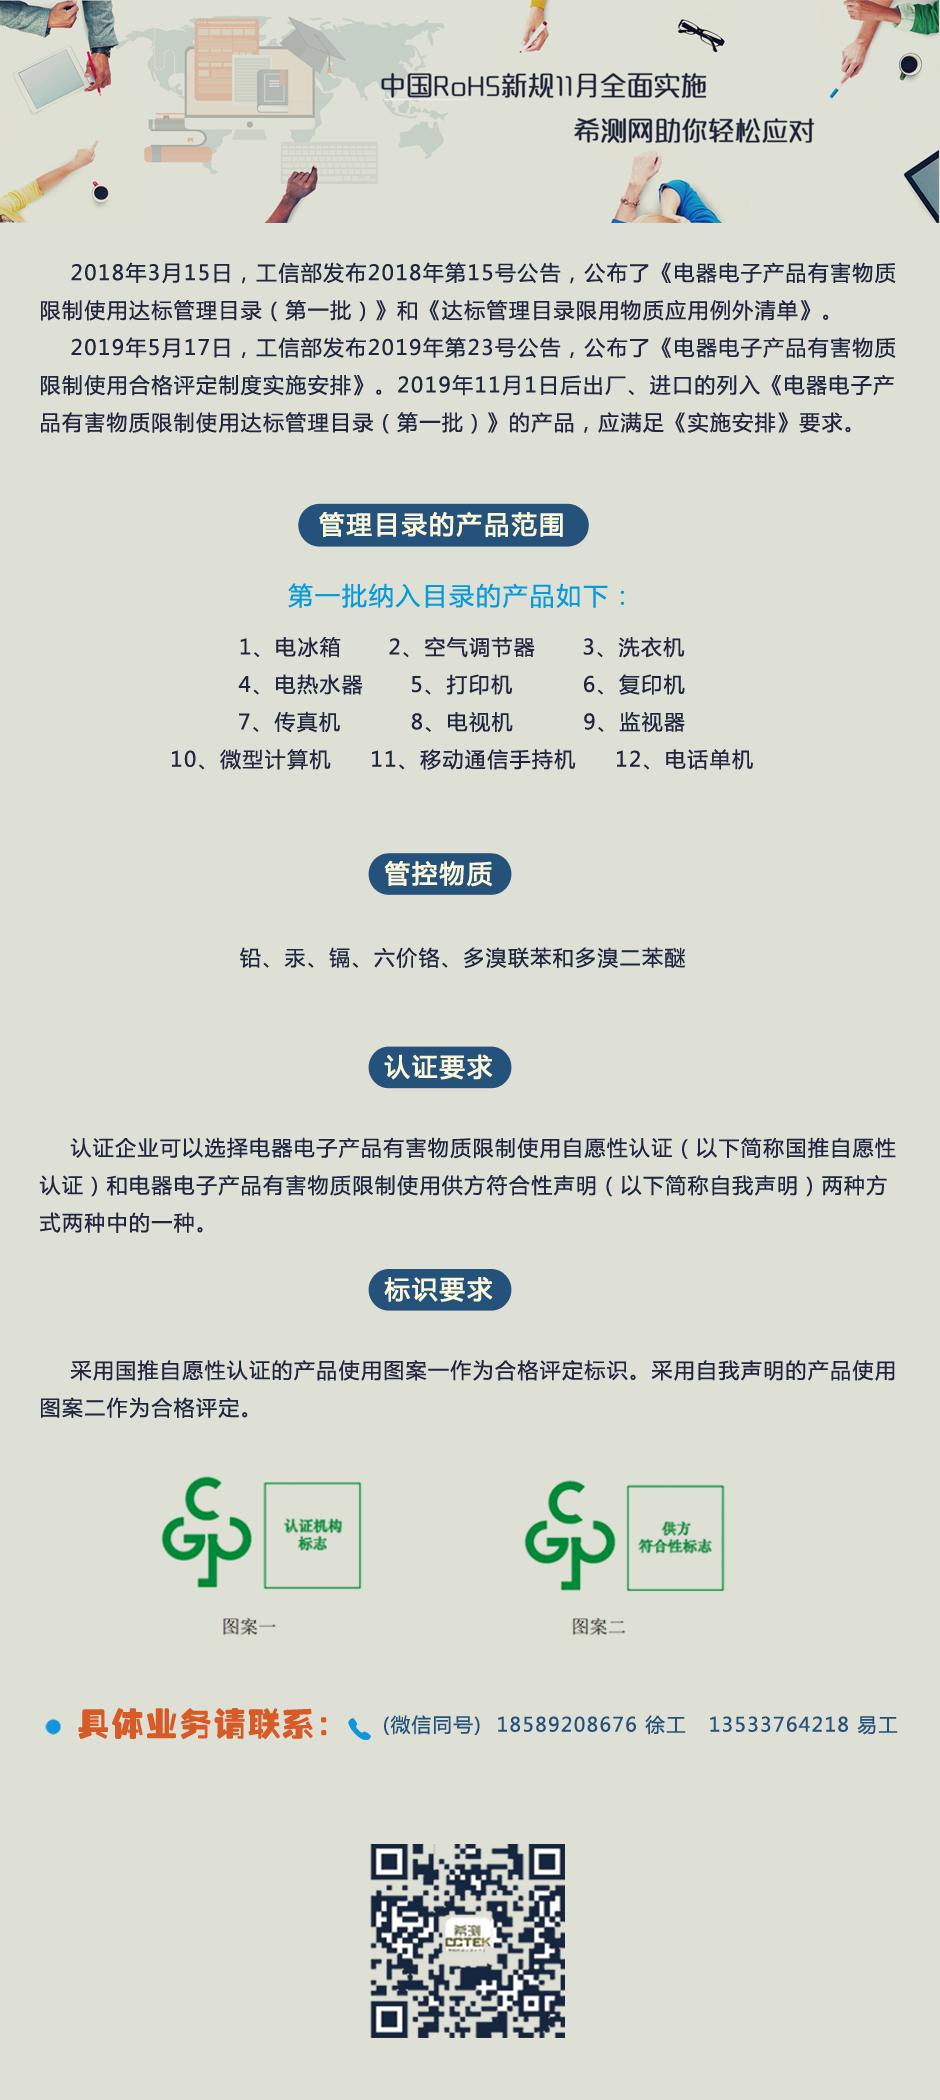 7月rohs新规详情页.png